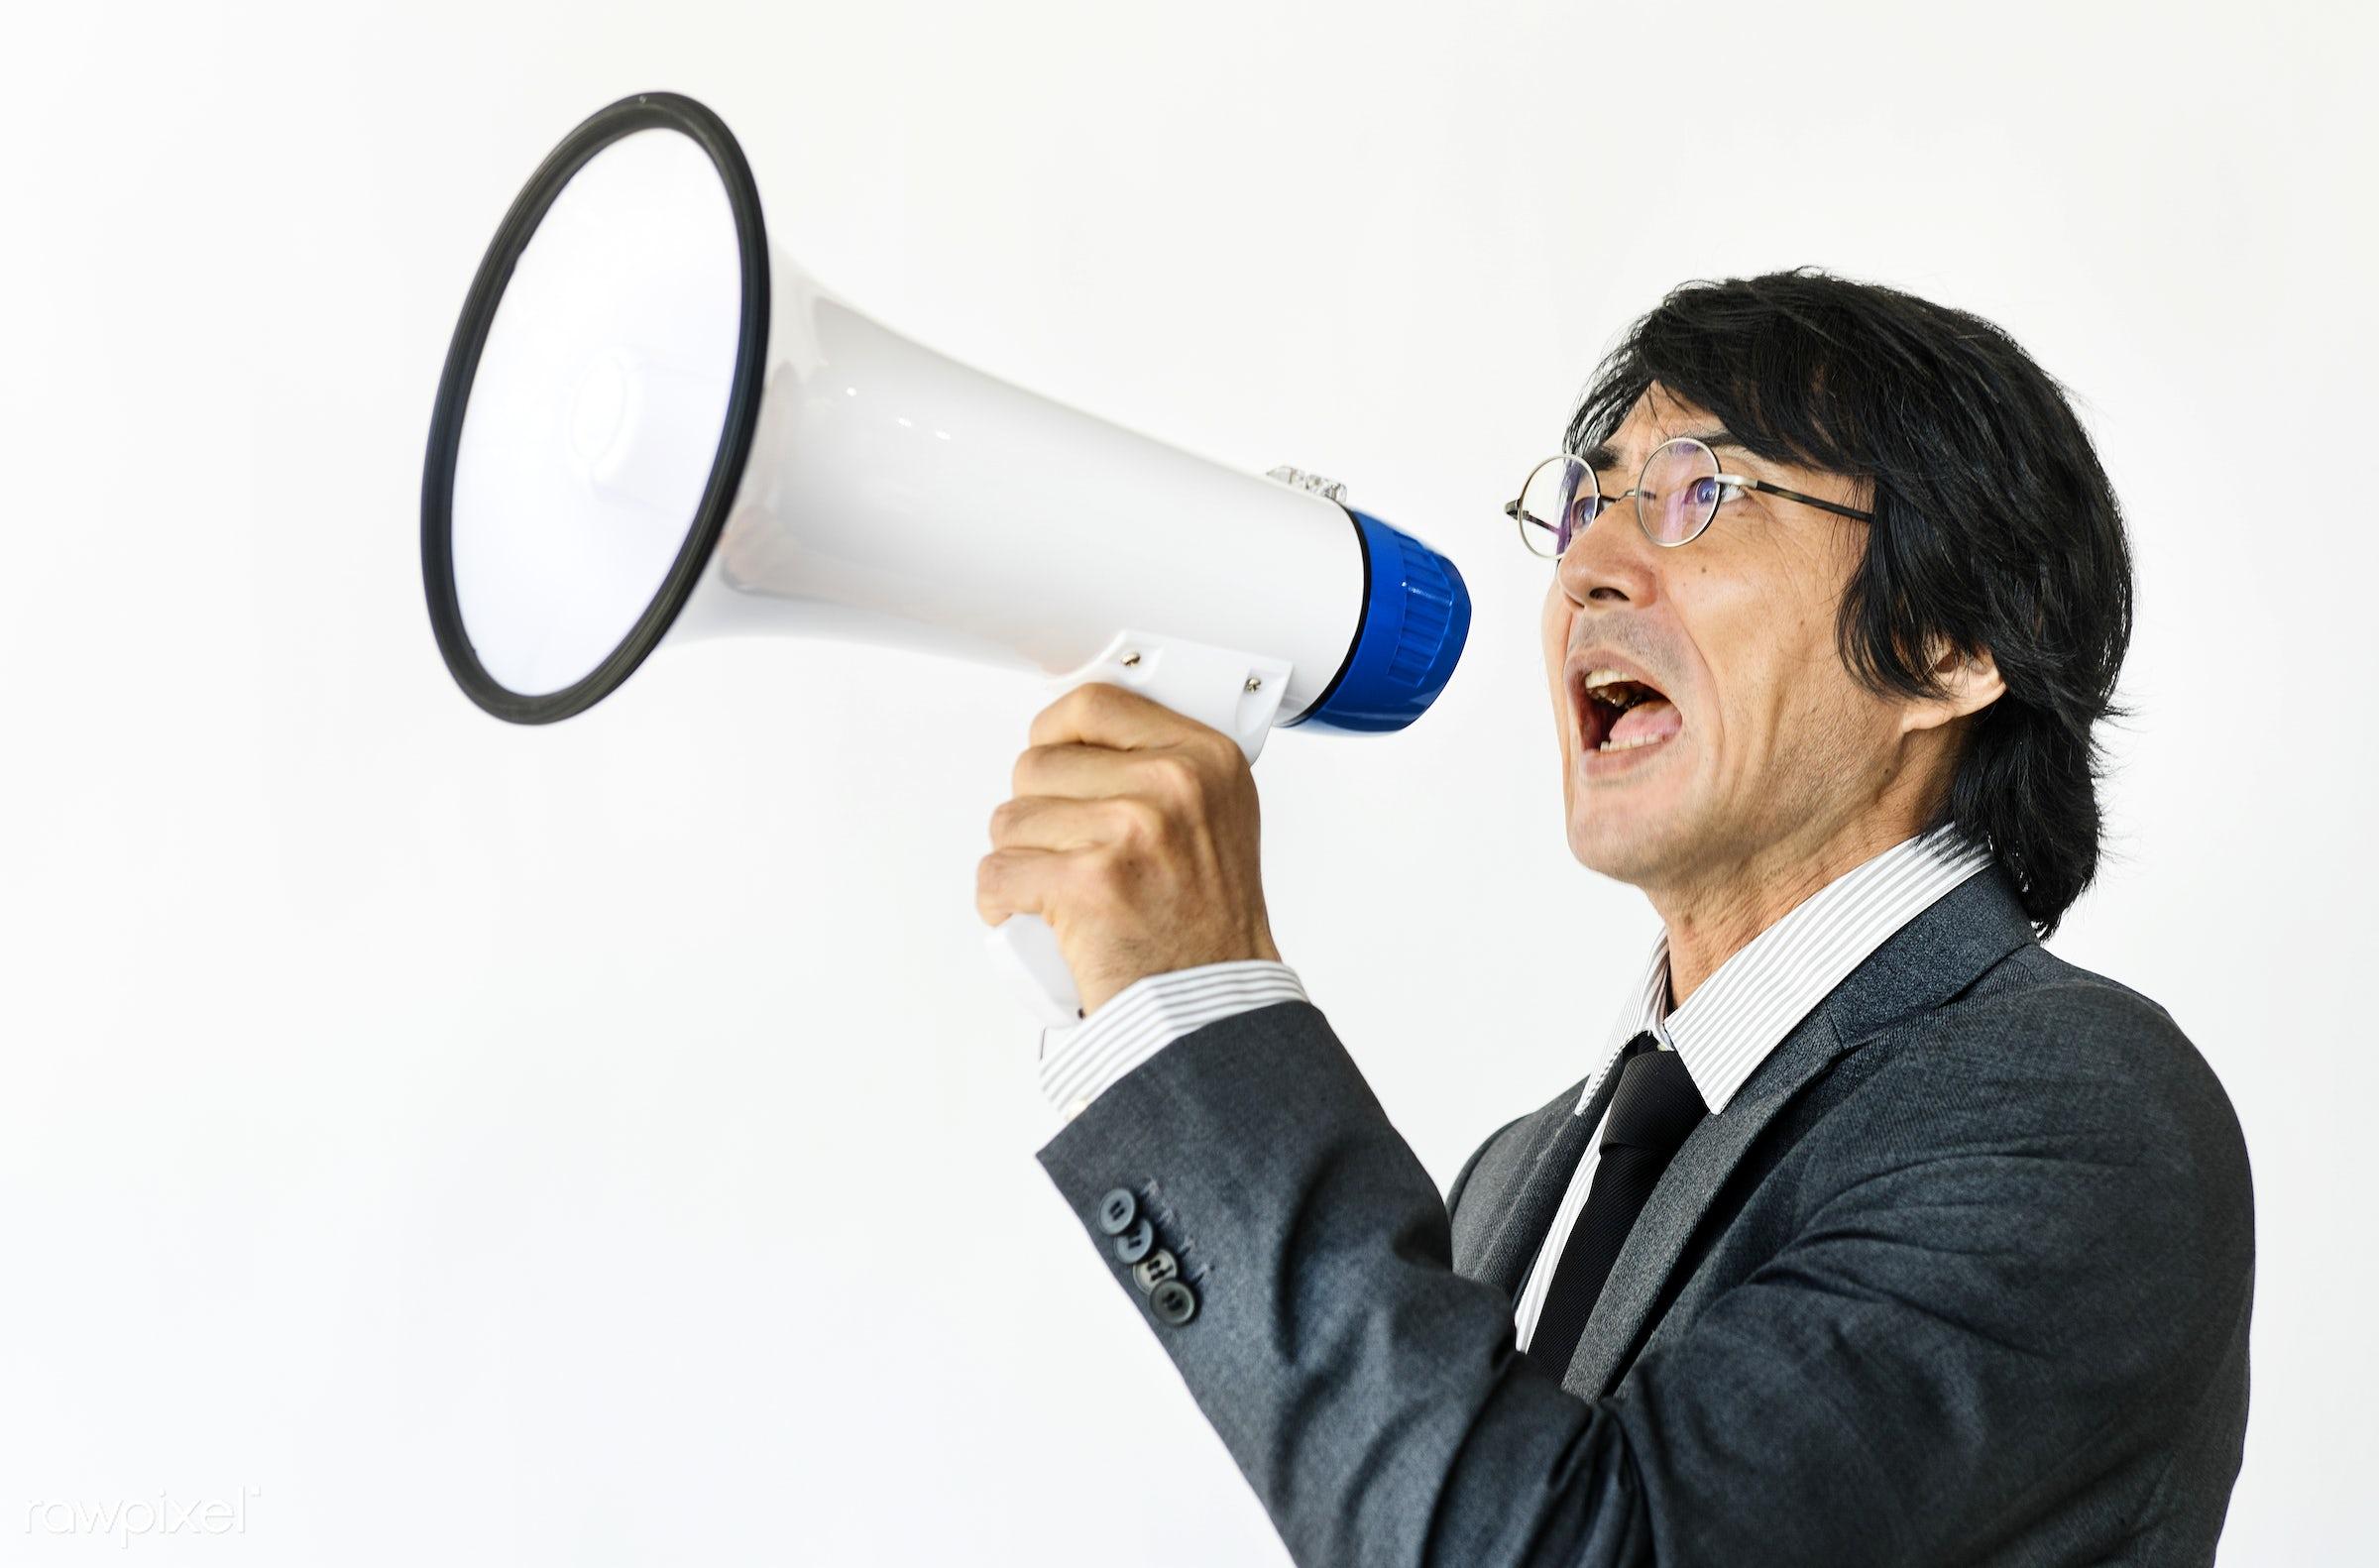 Business man holding megaphone announcement - speaker, announce, speak, advertisement, announcement, asian, bullhorn,...